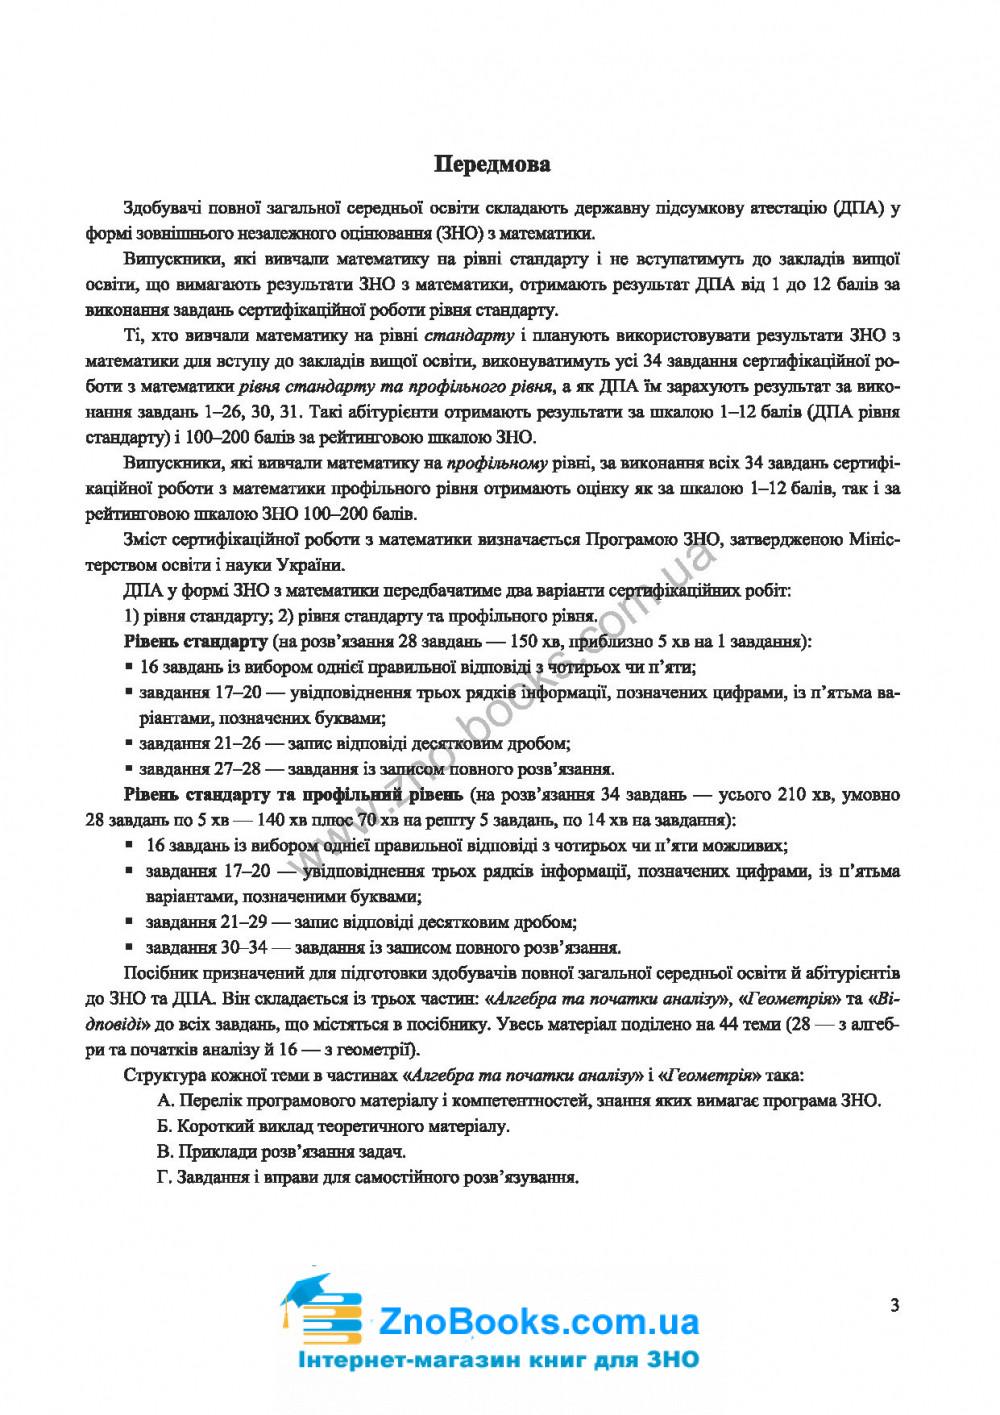 ЗНО 2022 Математика. Комплексне видання : Капеняк І., Гринчишин Я., Мартинюк О. Підручники і посібники 3